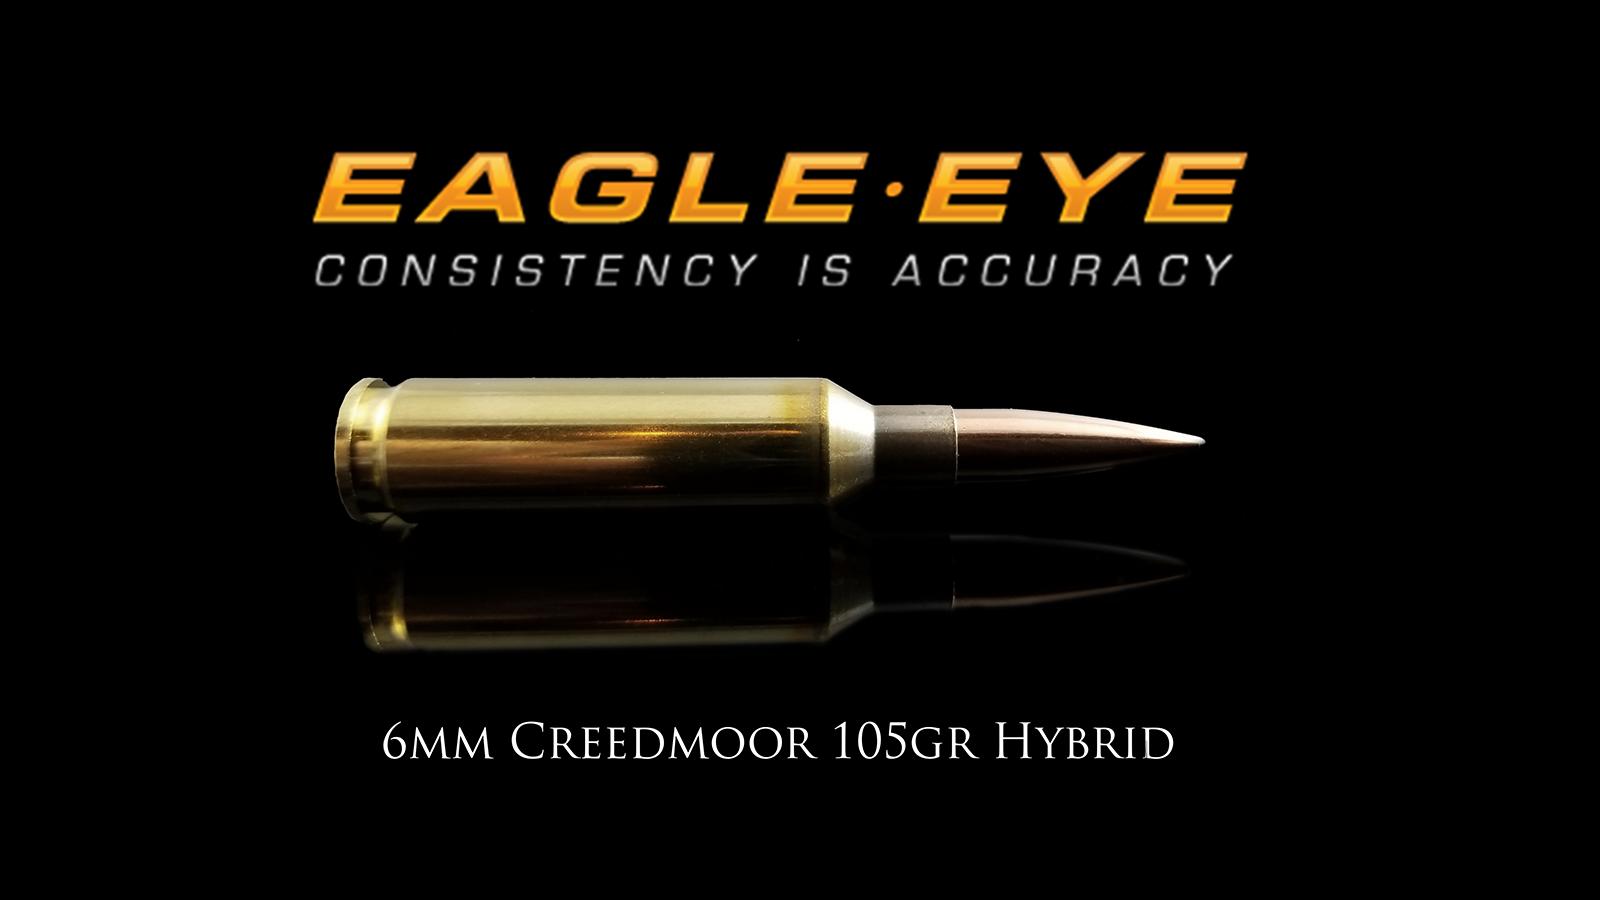 6mm Creedmoor 105gr Hybrid by Eagle Eye Ammo